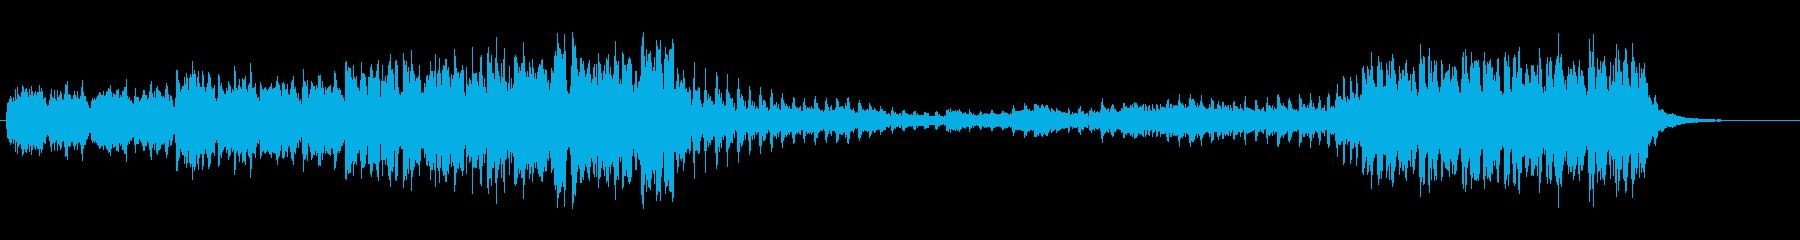 ・軽快なダンスミュージックです・シュー…の再生済みの波形